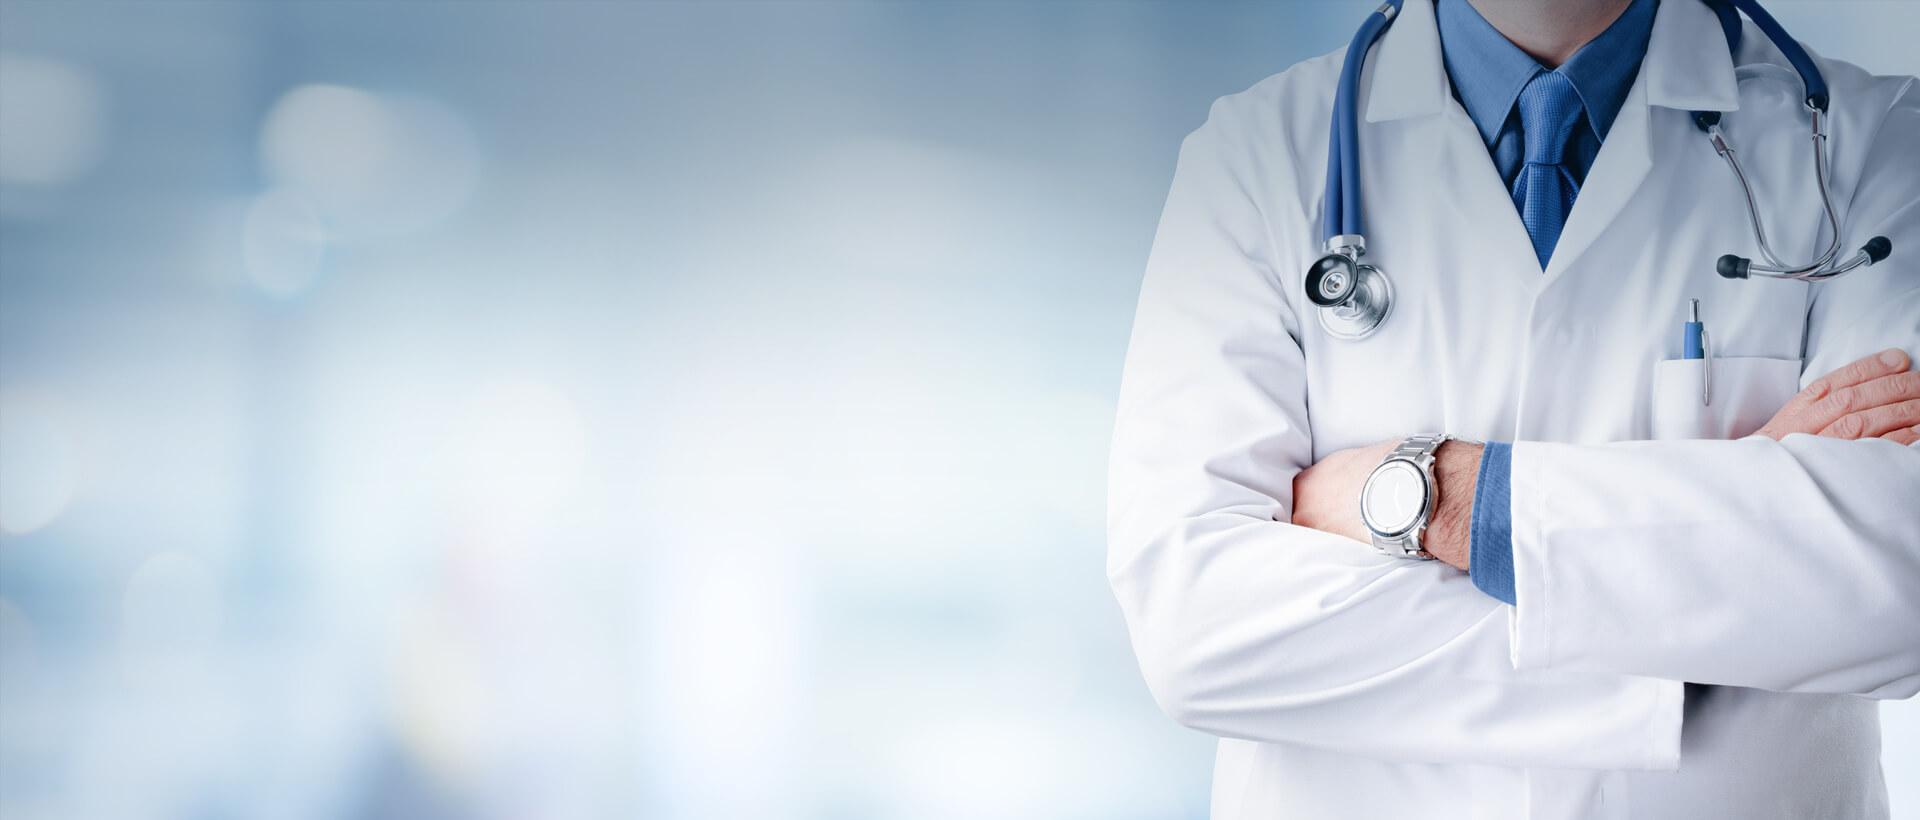 Препараты для устранения симптомов гриппа и ОРВИ